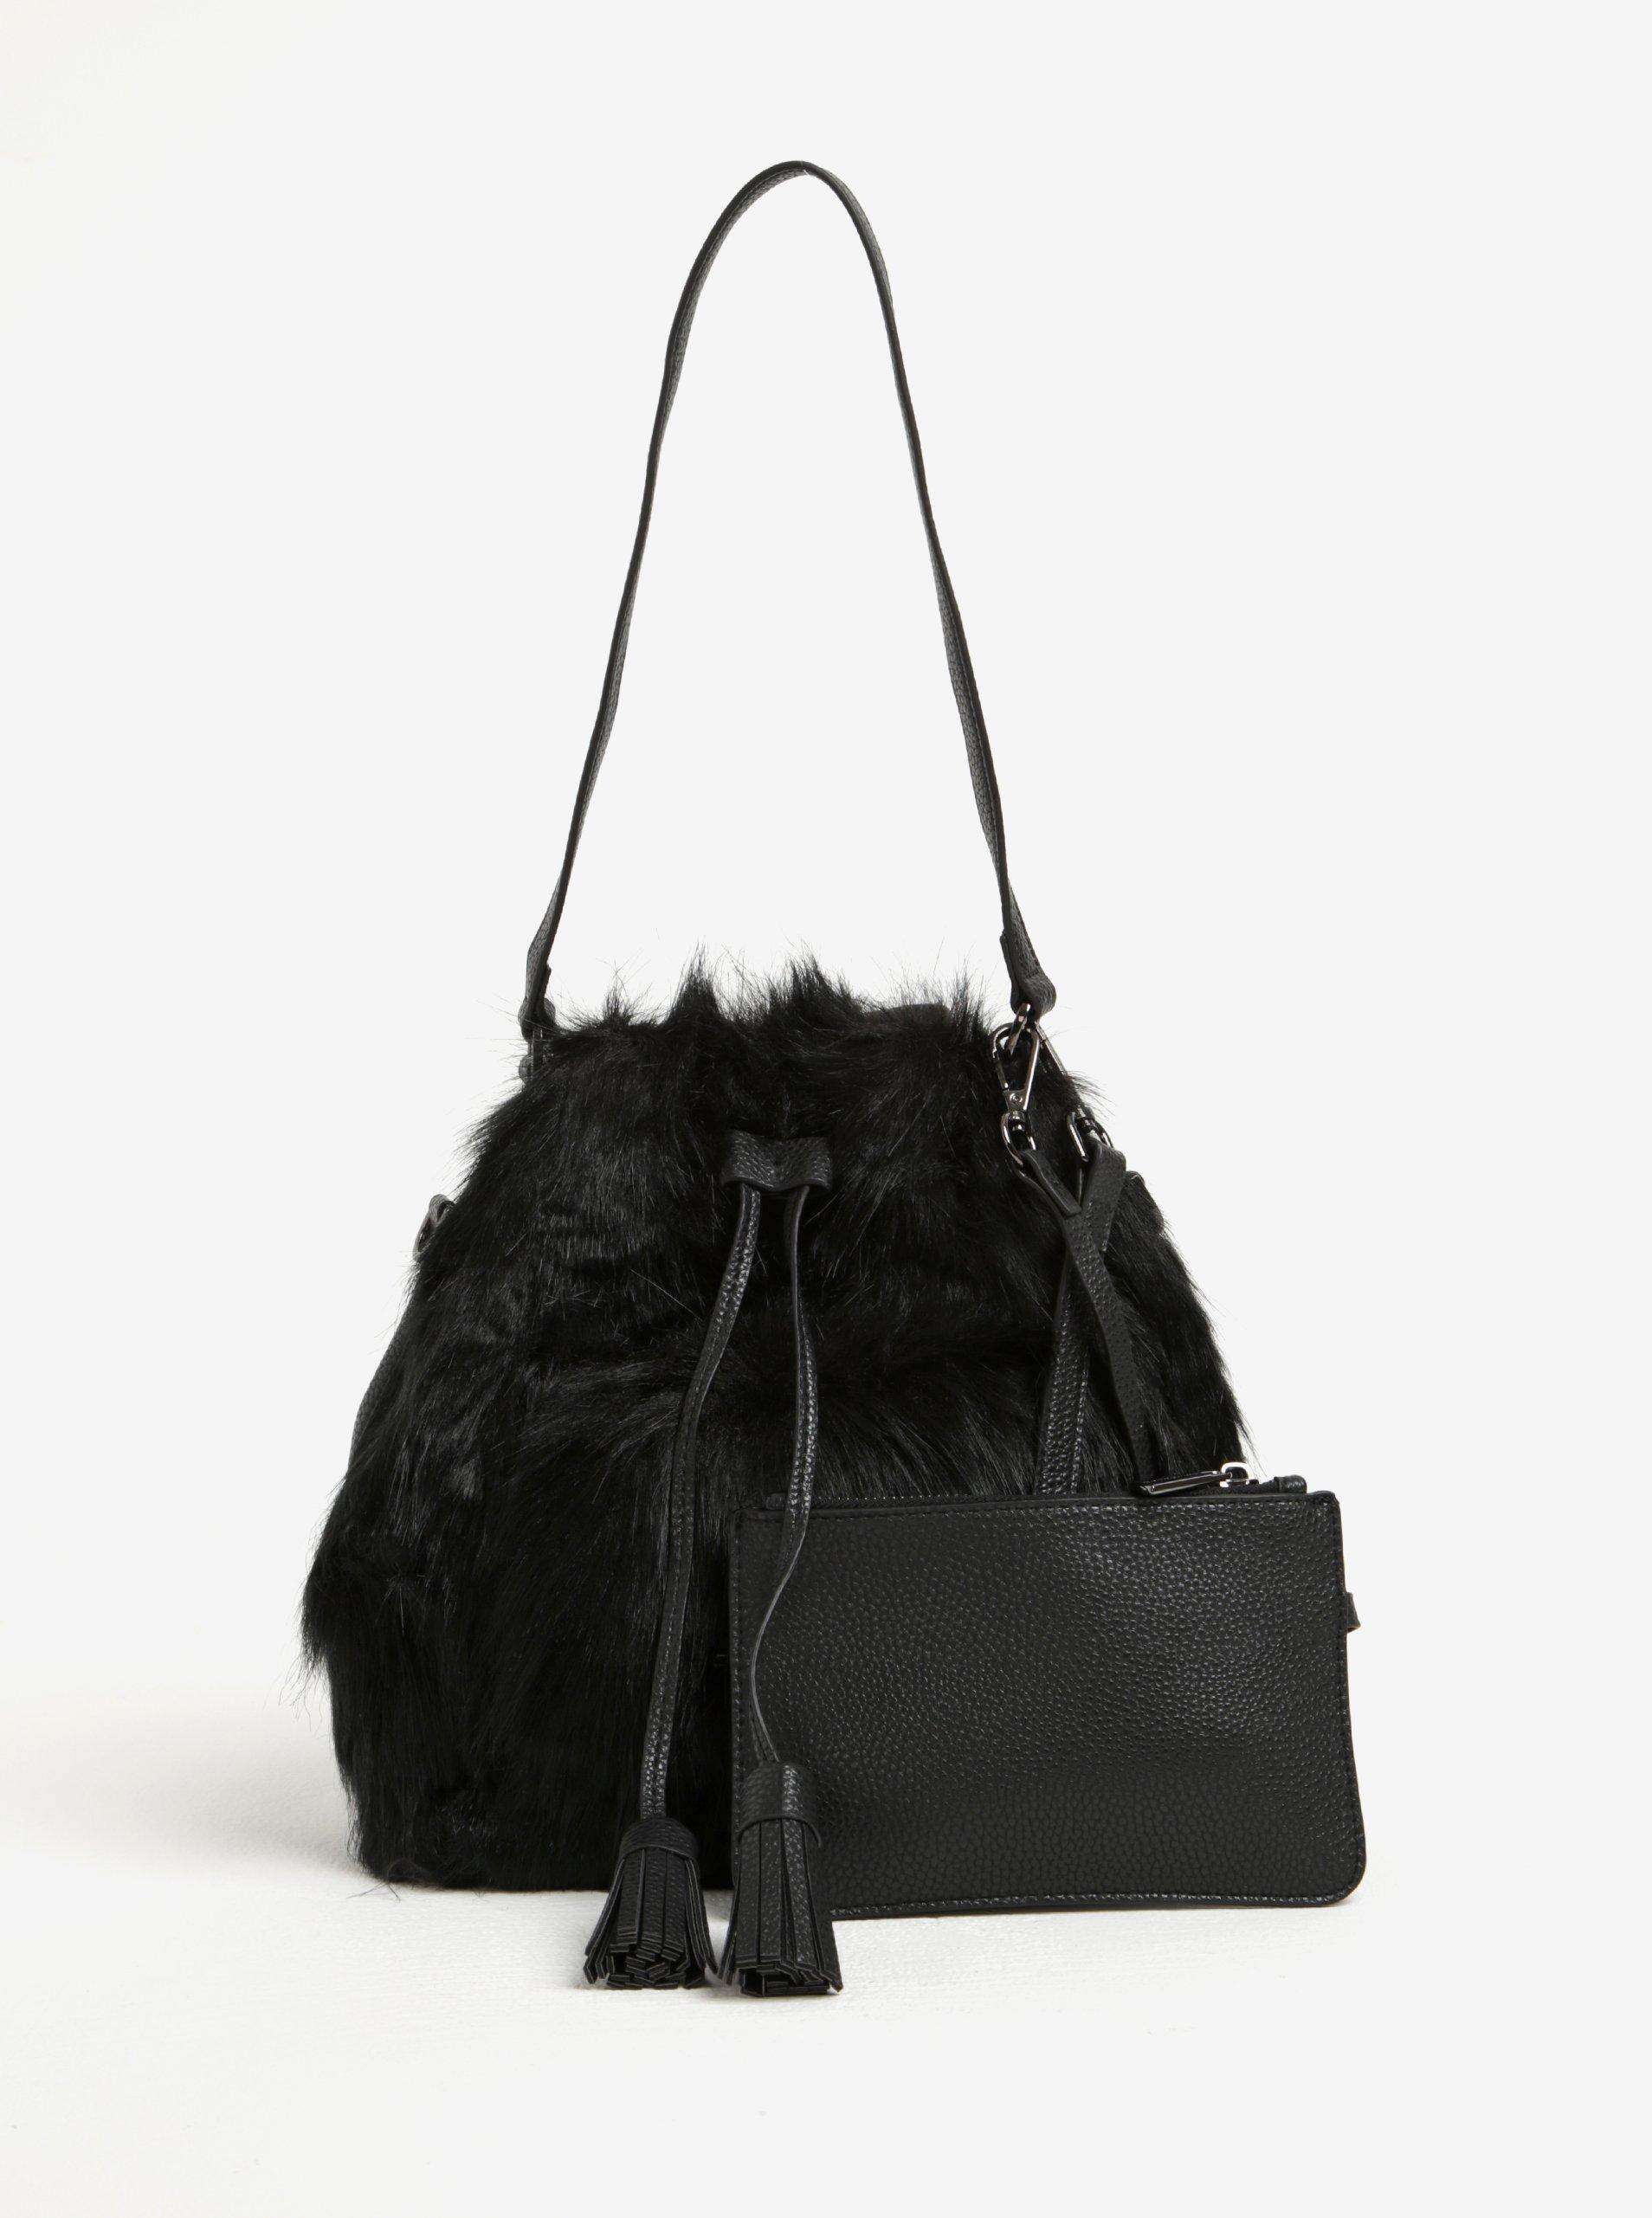 Černá kabelka s umělou kožešinou Fornarina Tulip